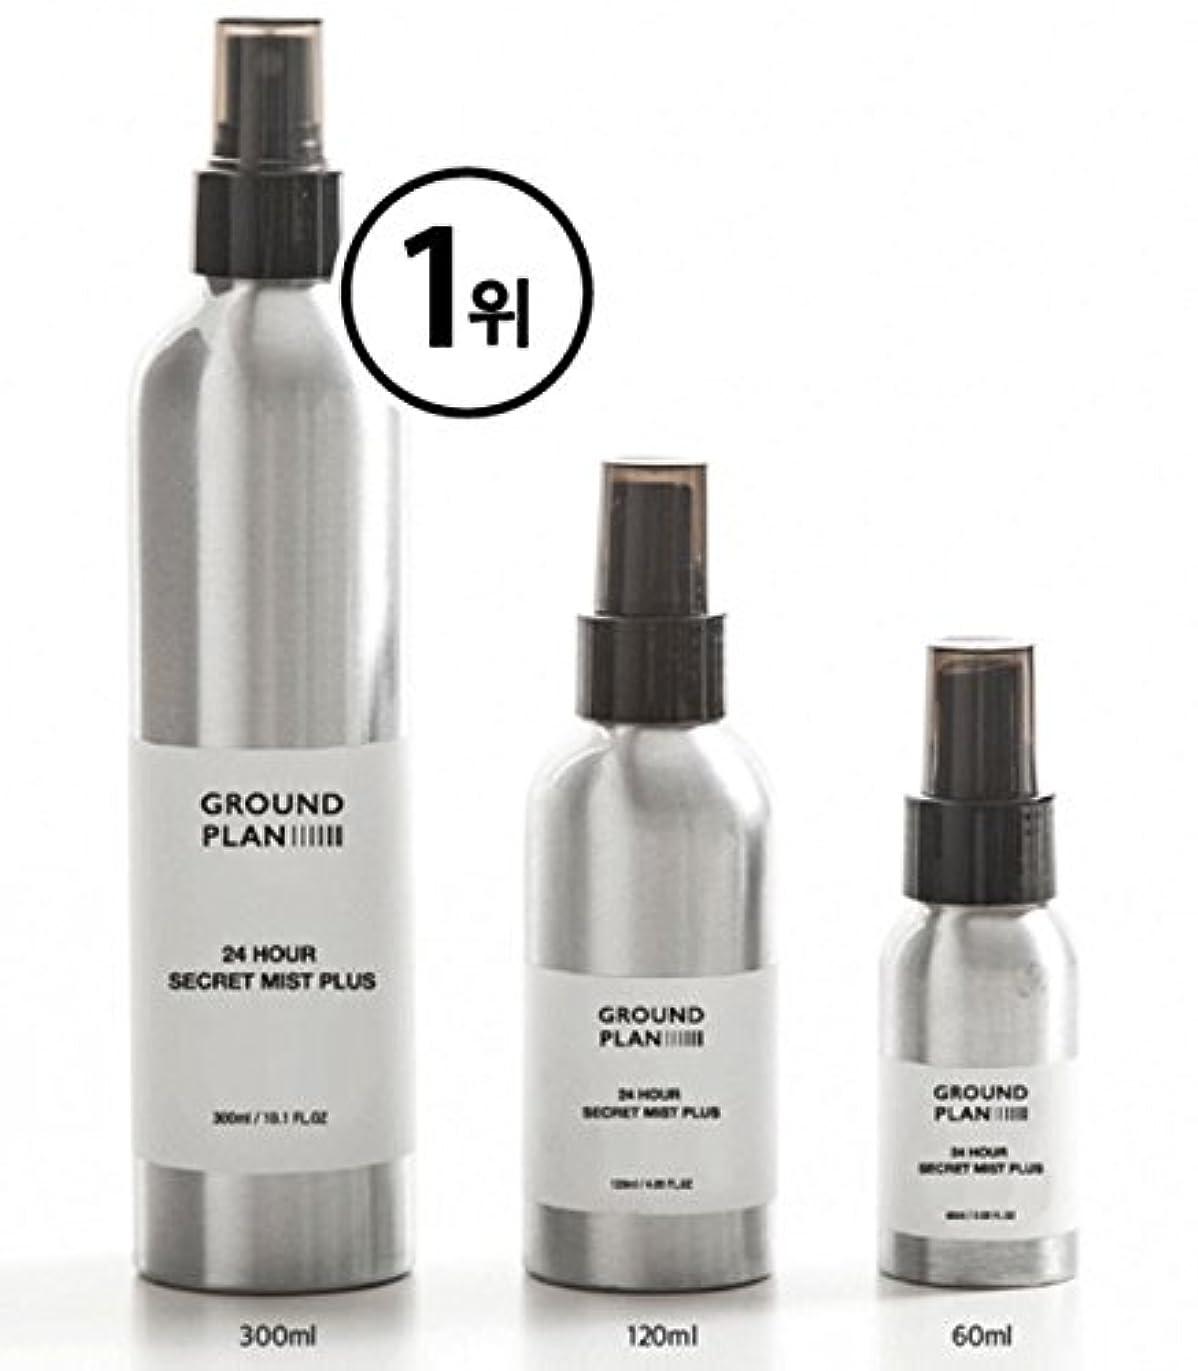 計画知覚過ち[グラウンド?プラン] 24Hour 秘密 スキンミスト Plus (120ml) (300ml) Ground plan 24 Hour Secret Skin Mist Plus [海外直送品] (120ml)